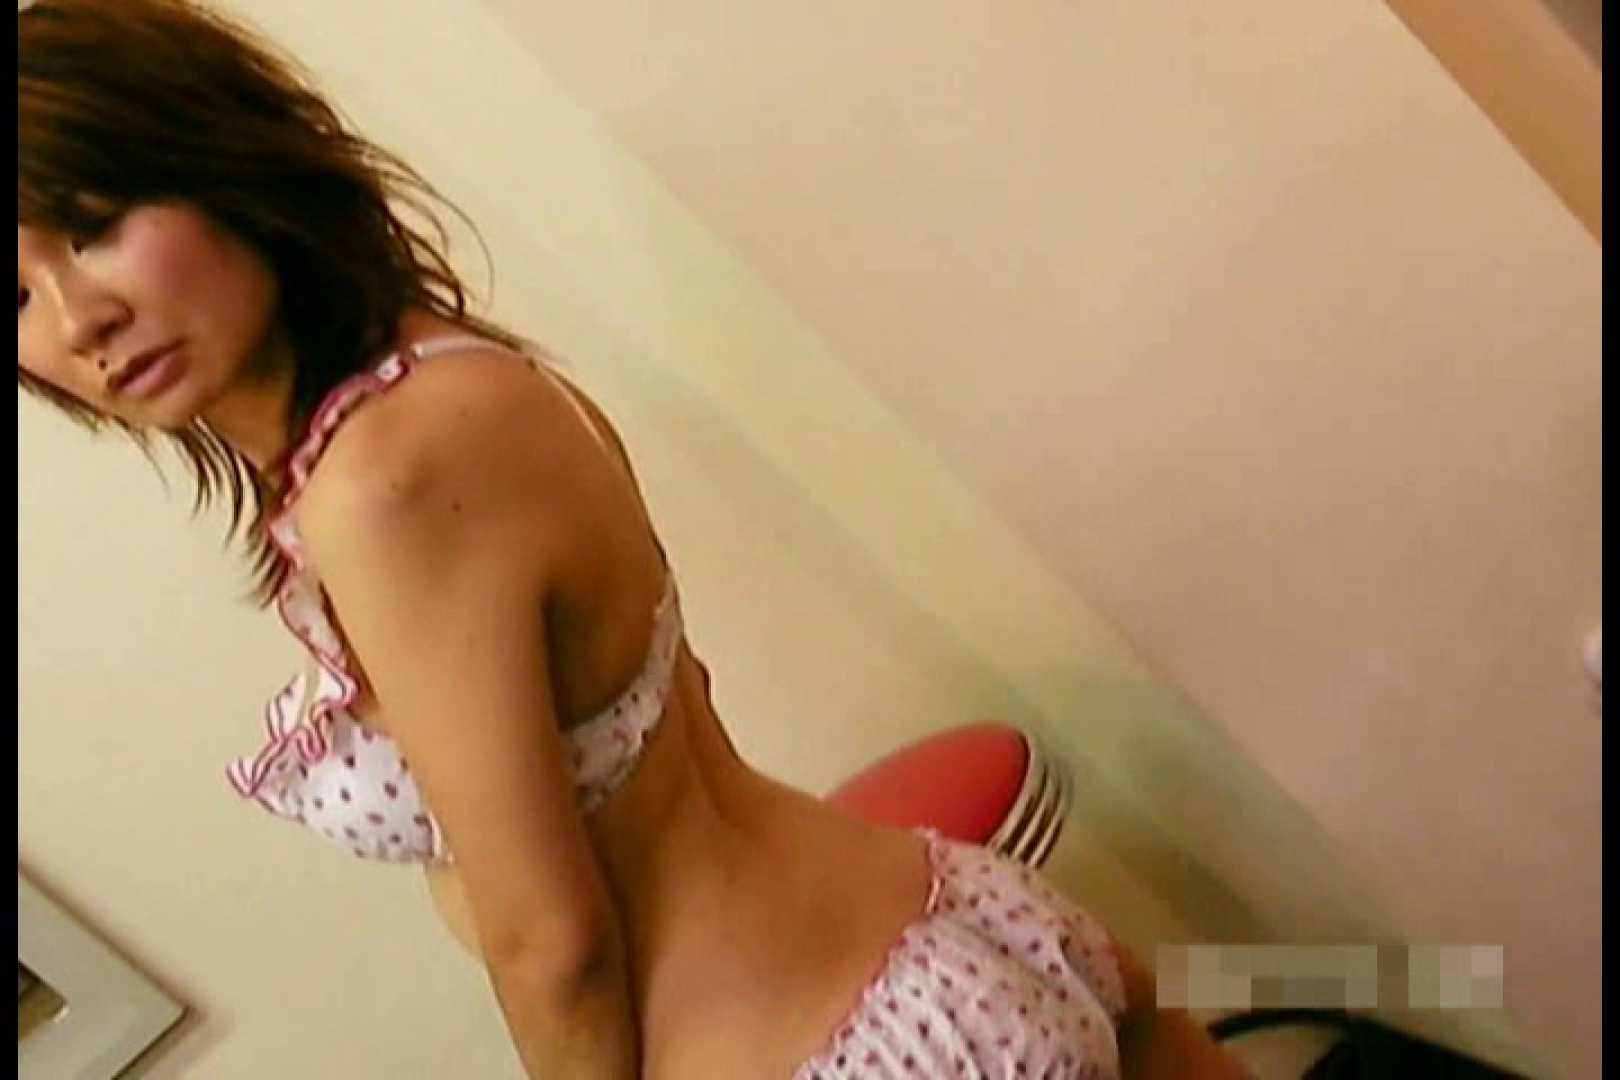 素人撮影 下着だけの撮影のはずが・・・まり25歳 細身なお姉さん おまんこ動画流出 62pic 34